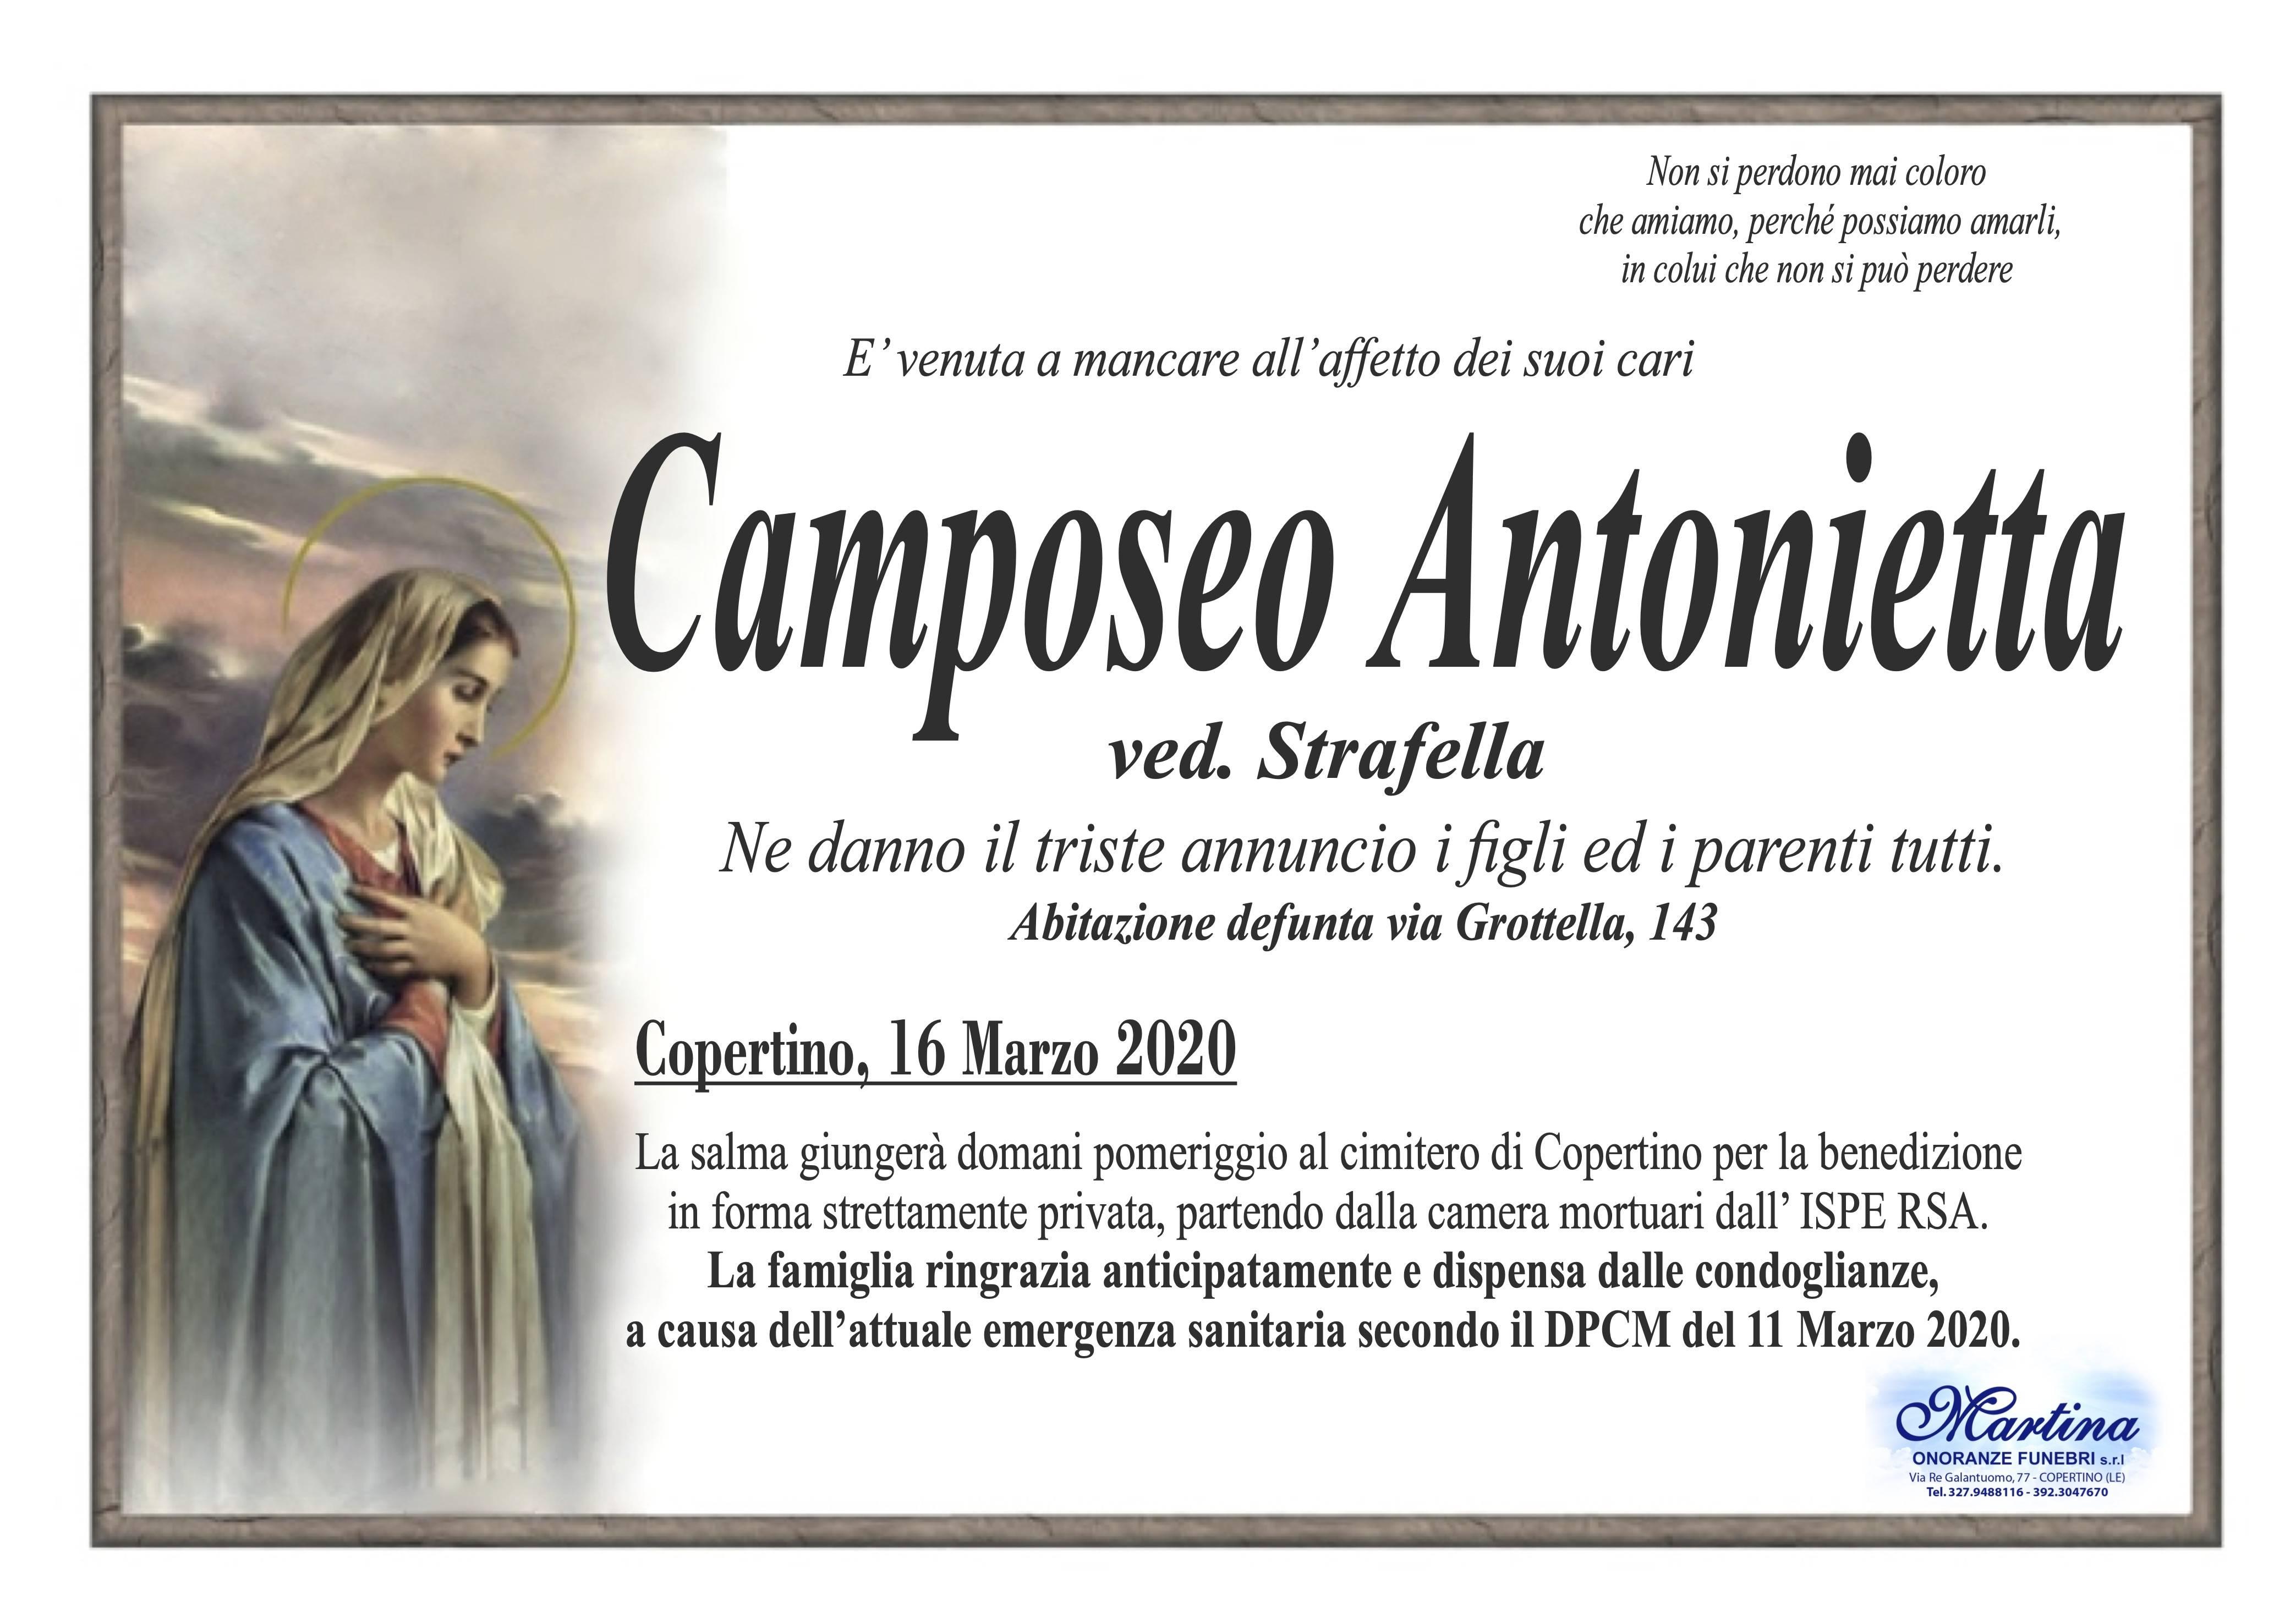 Antonietta Camposeo